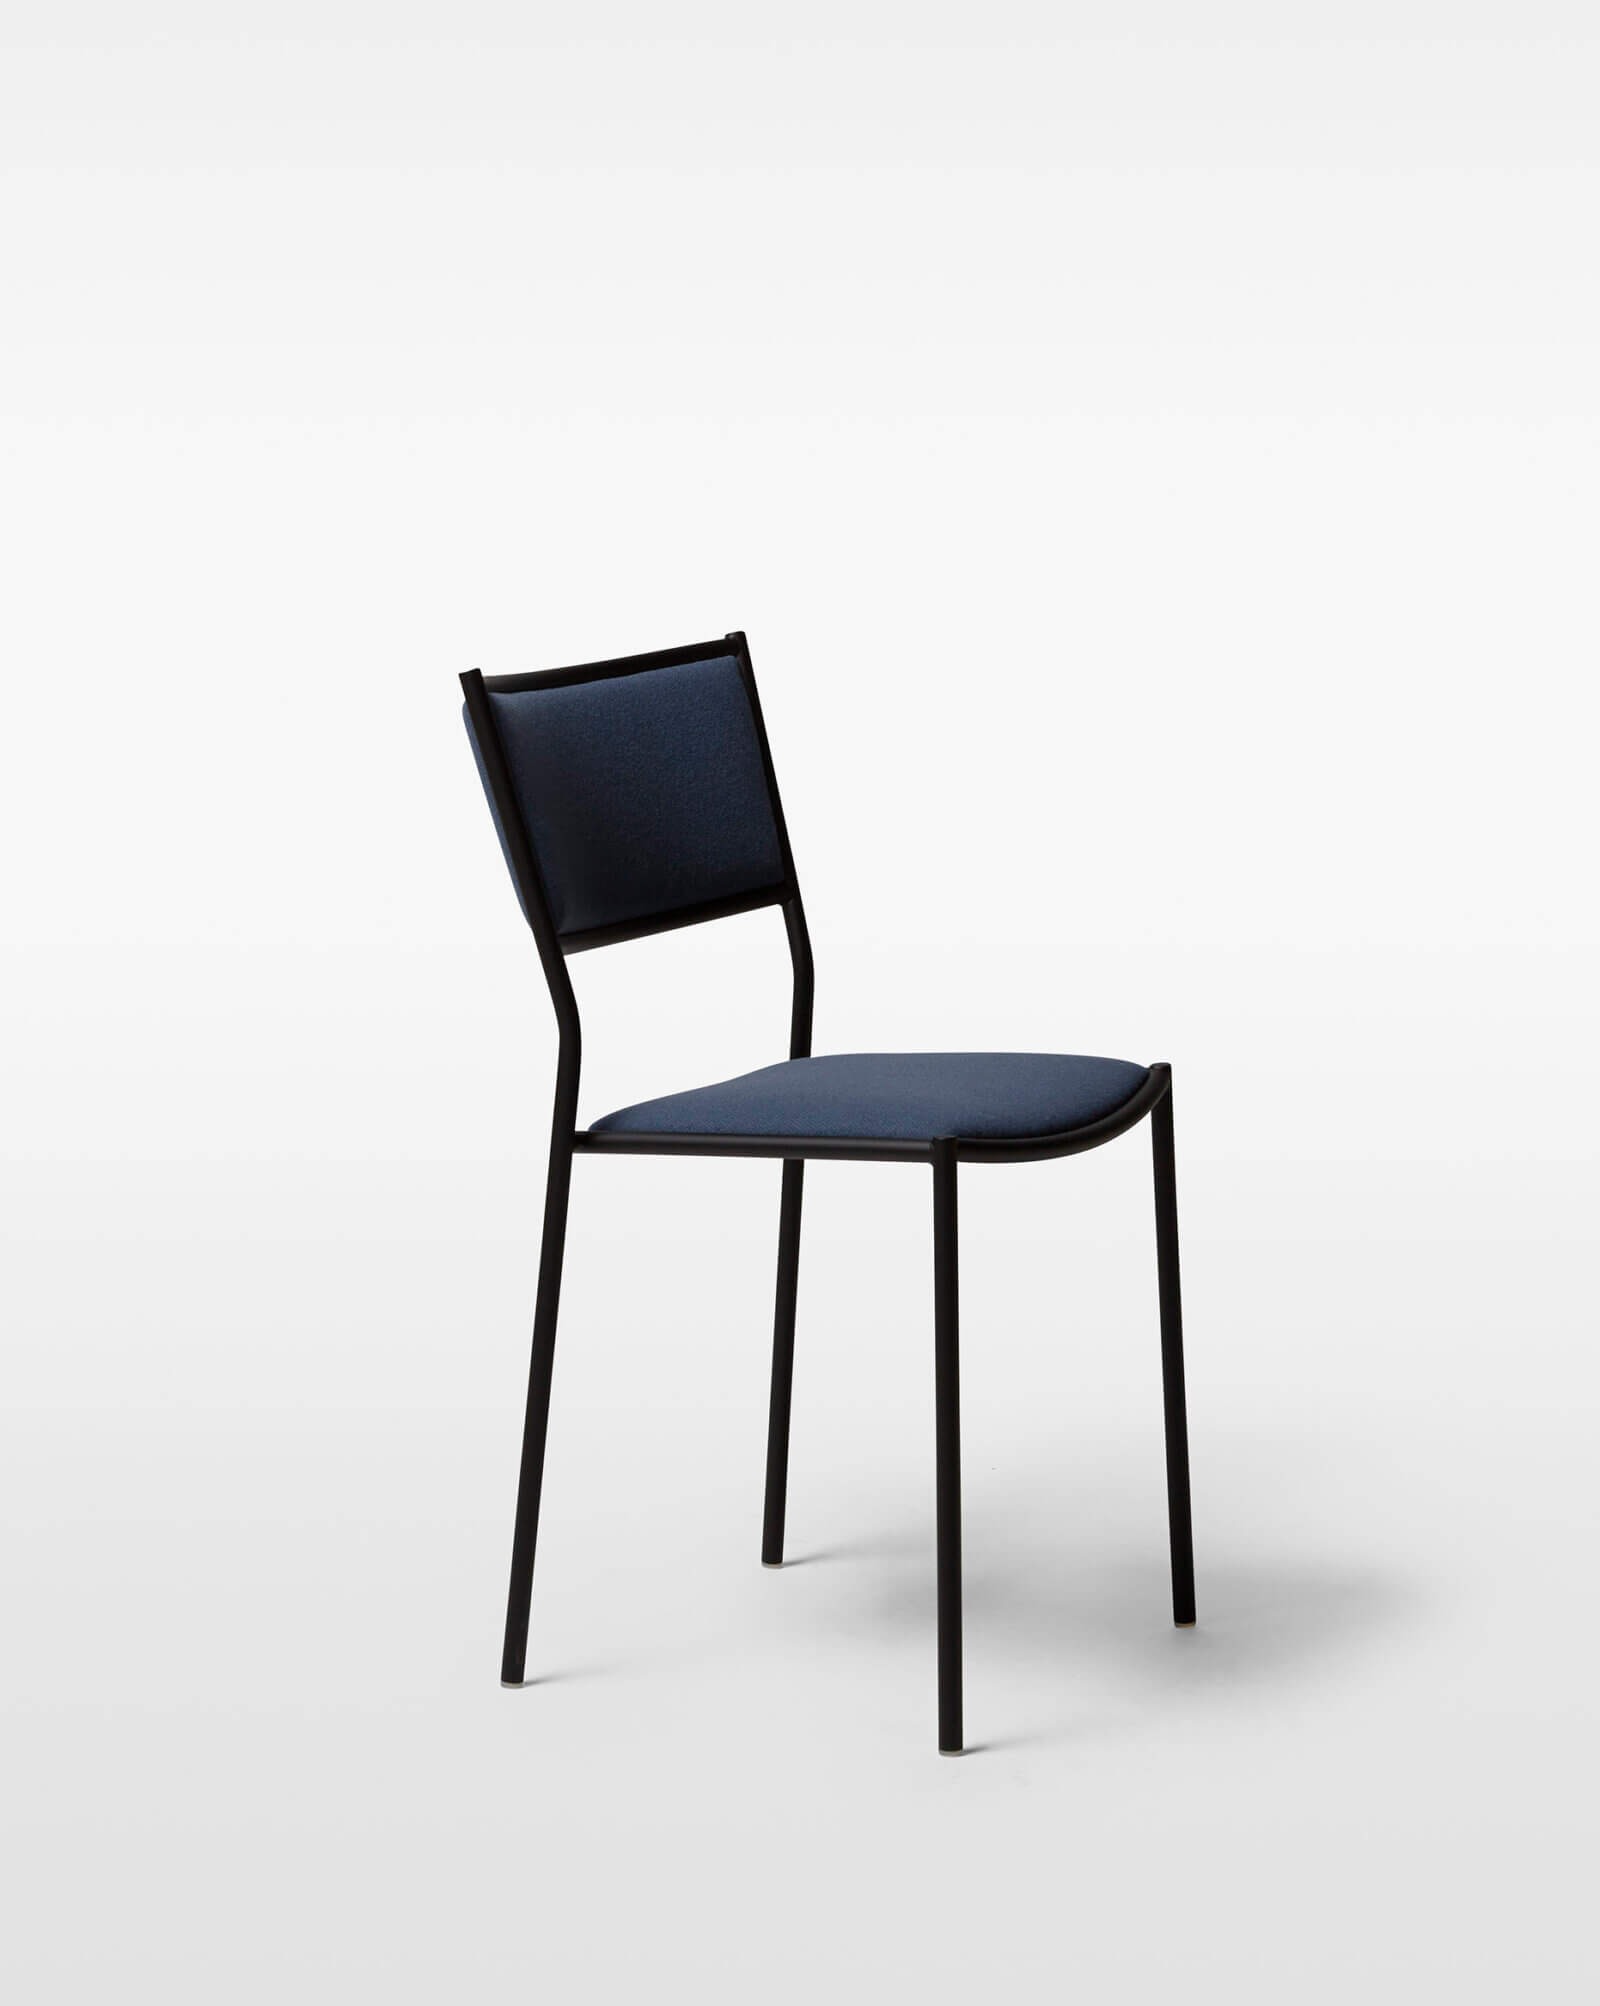 TinnappleMetz-massproductions-jig-chair-01